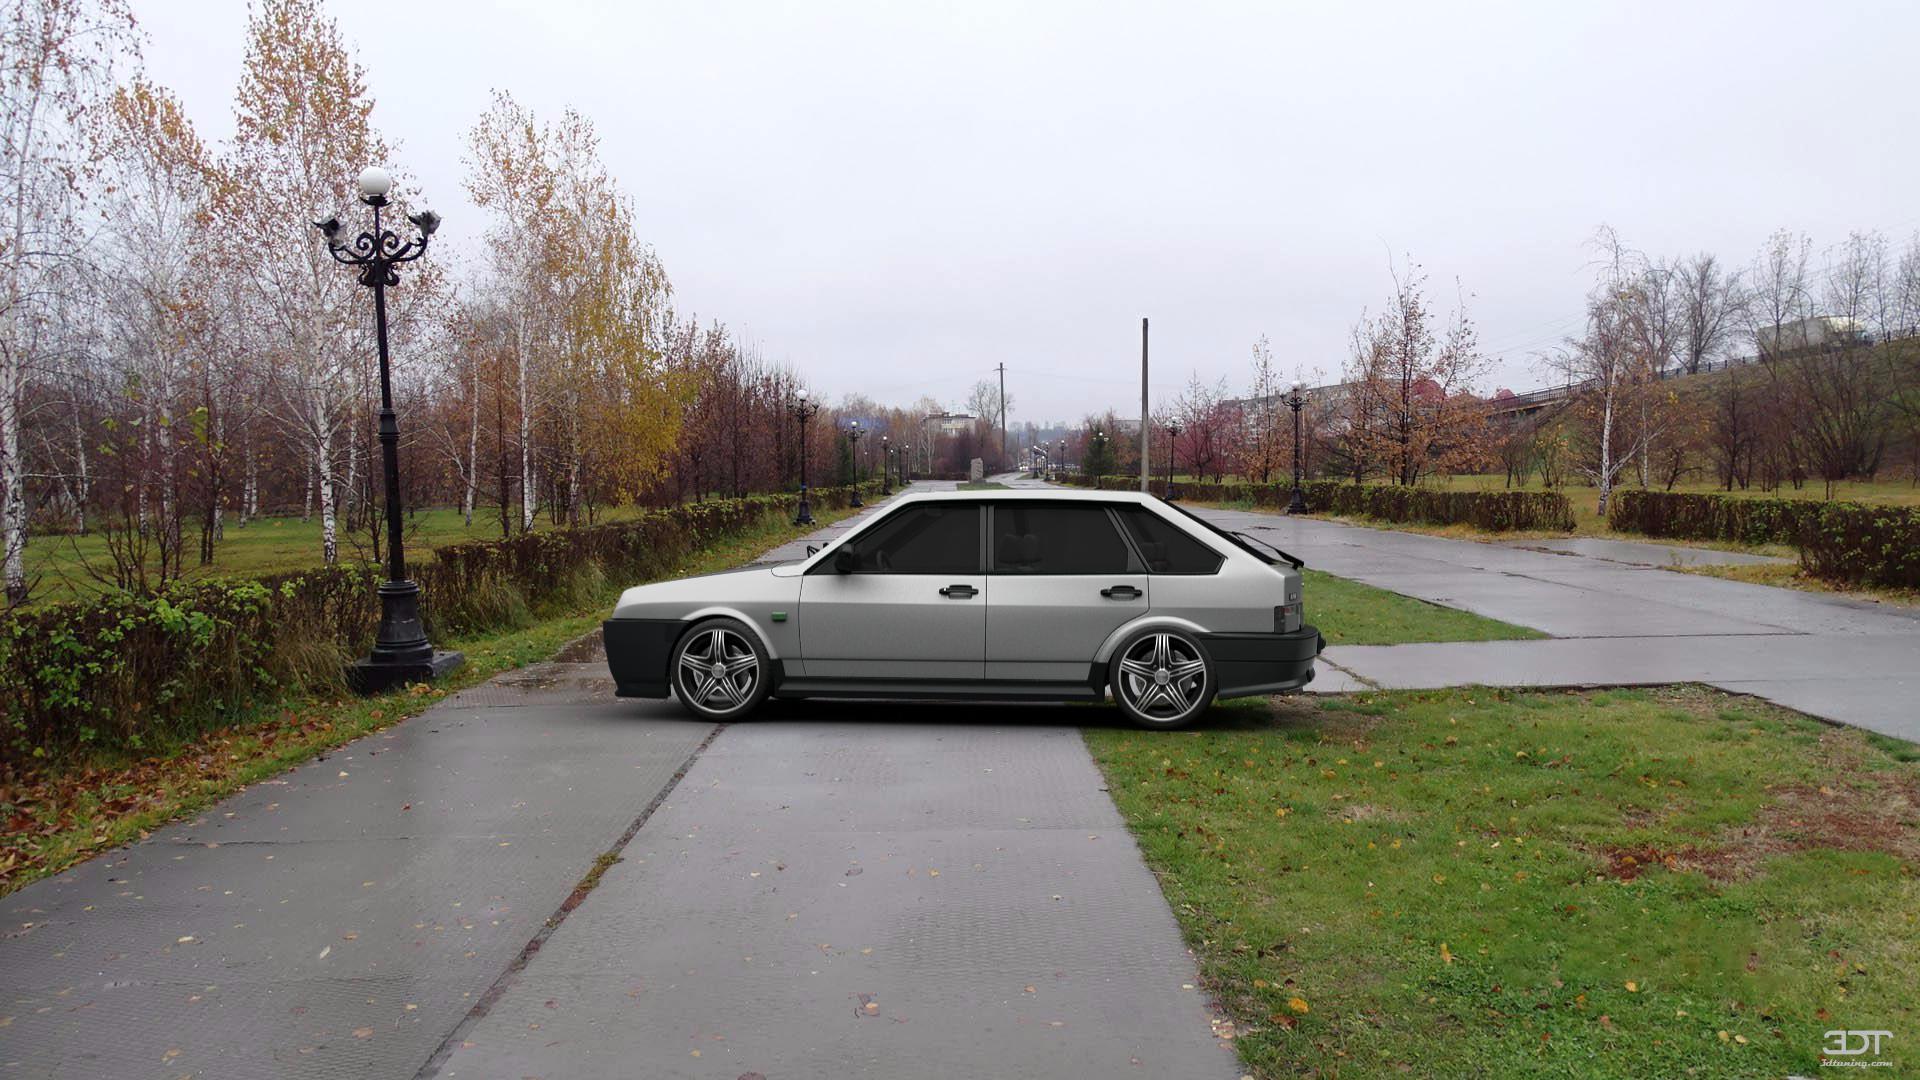 Тюнинг новый для автомобиля